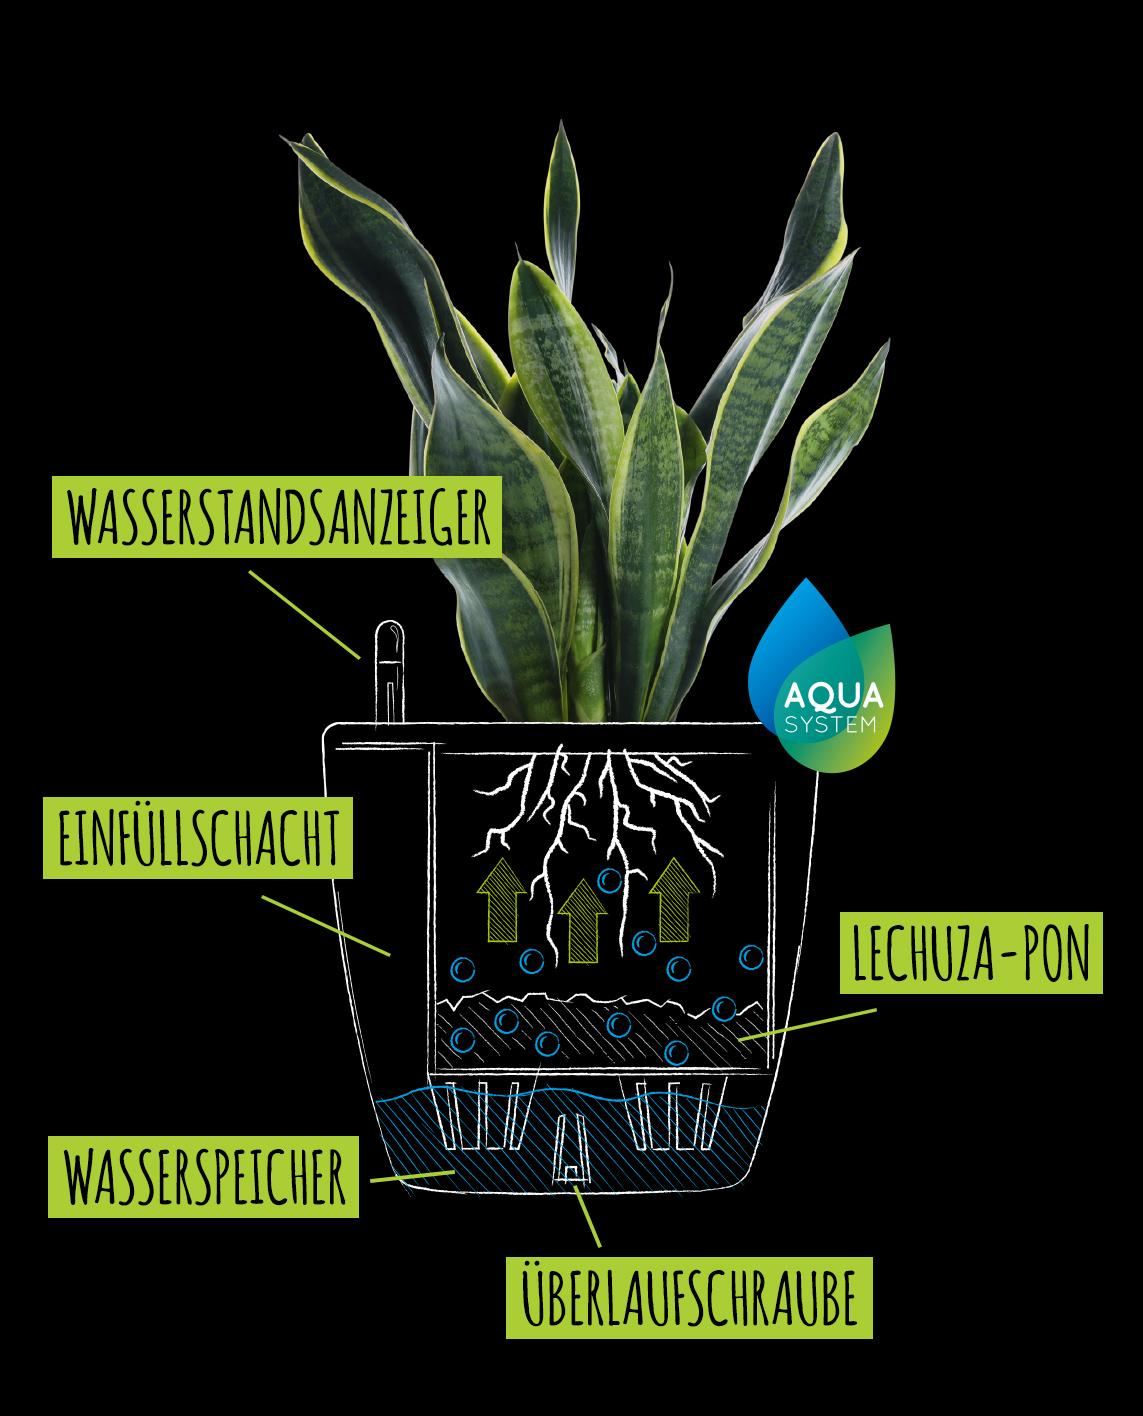 Zeichnung mit Erklärung des klassischen Bewässerungssystems